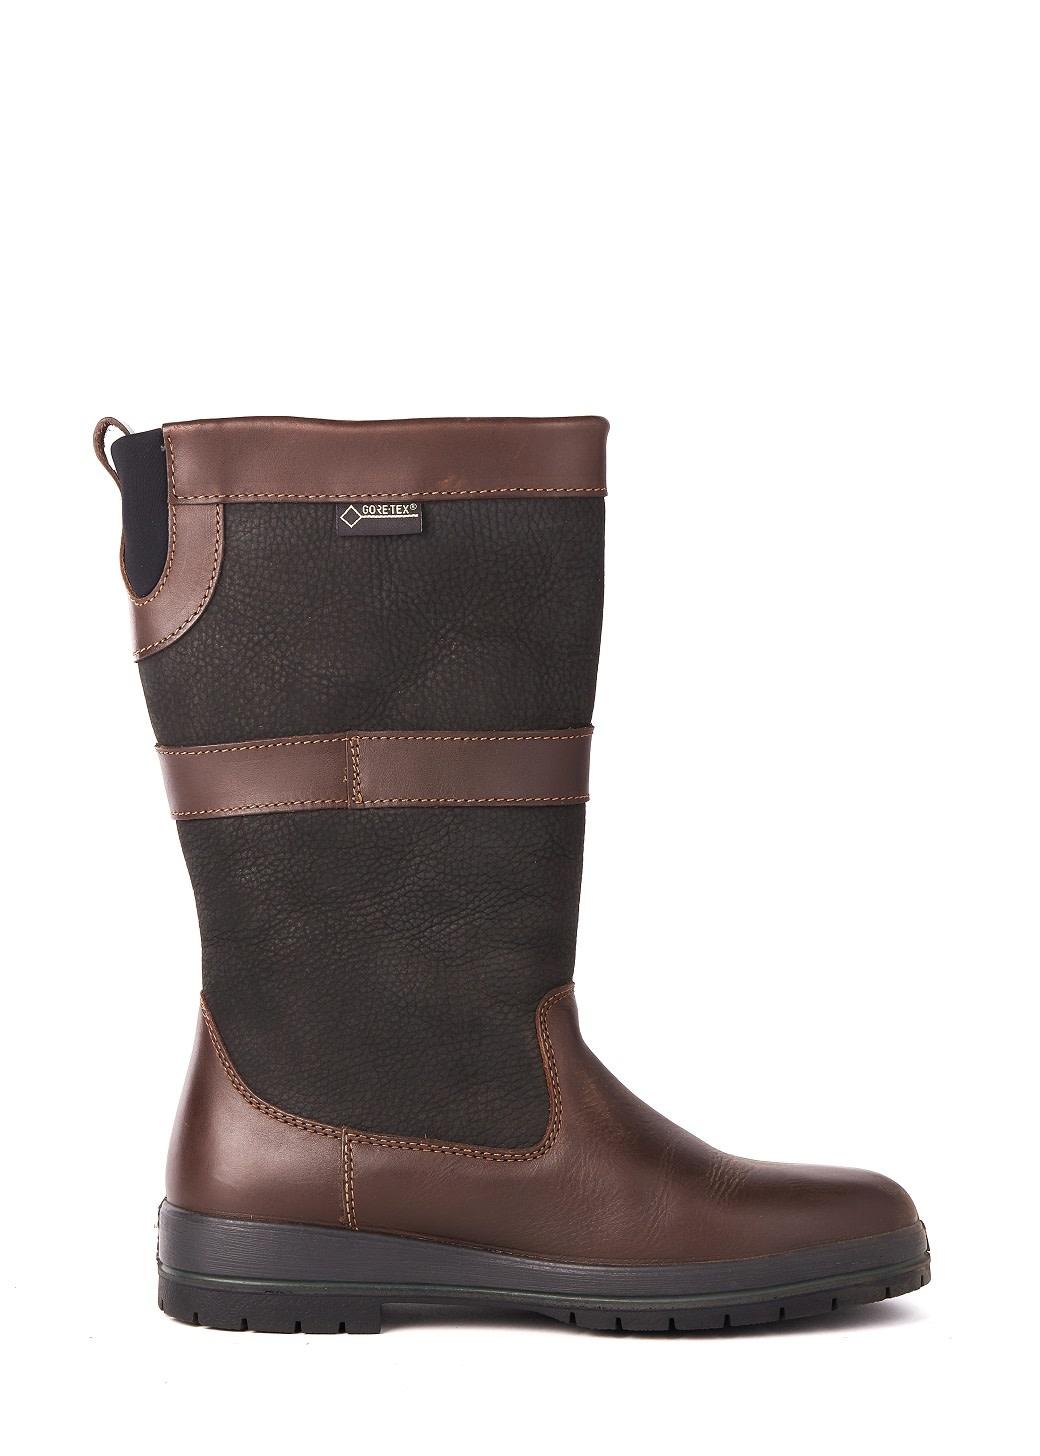 Dubarry Kildare outdoor laarzen - Black/Brown-5